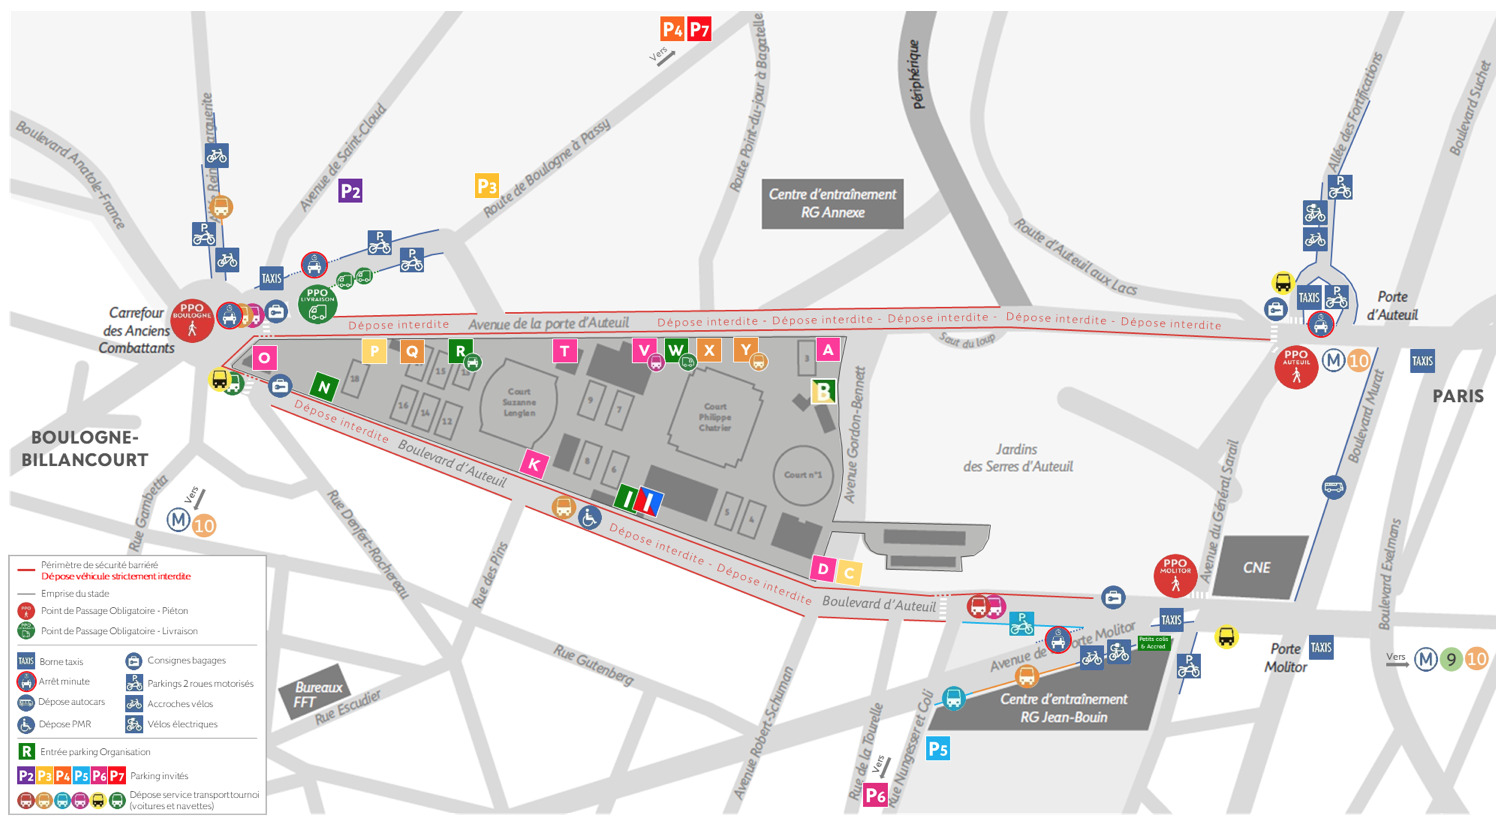 Roland-Garros 2019 - Plan des services autour des PPO